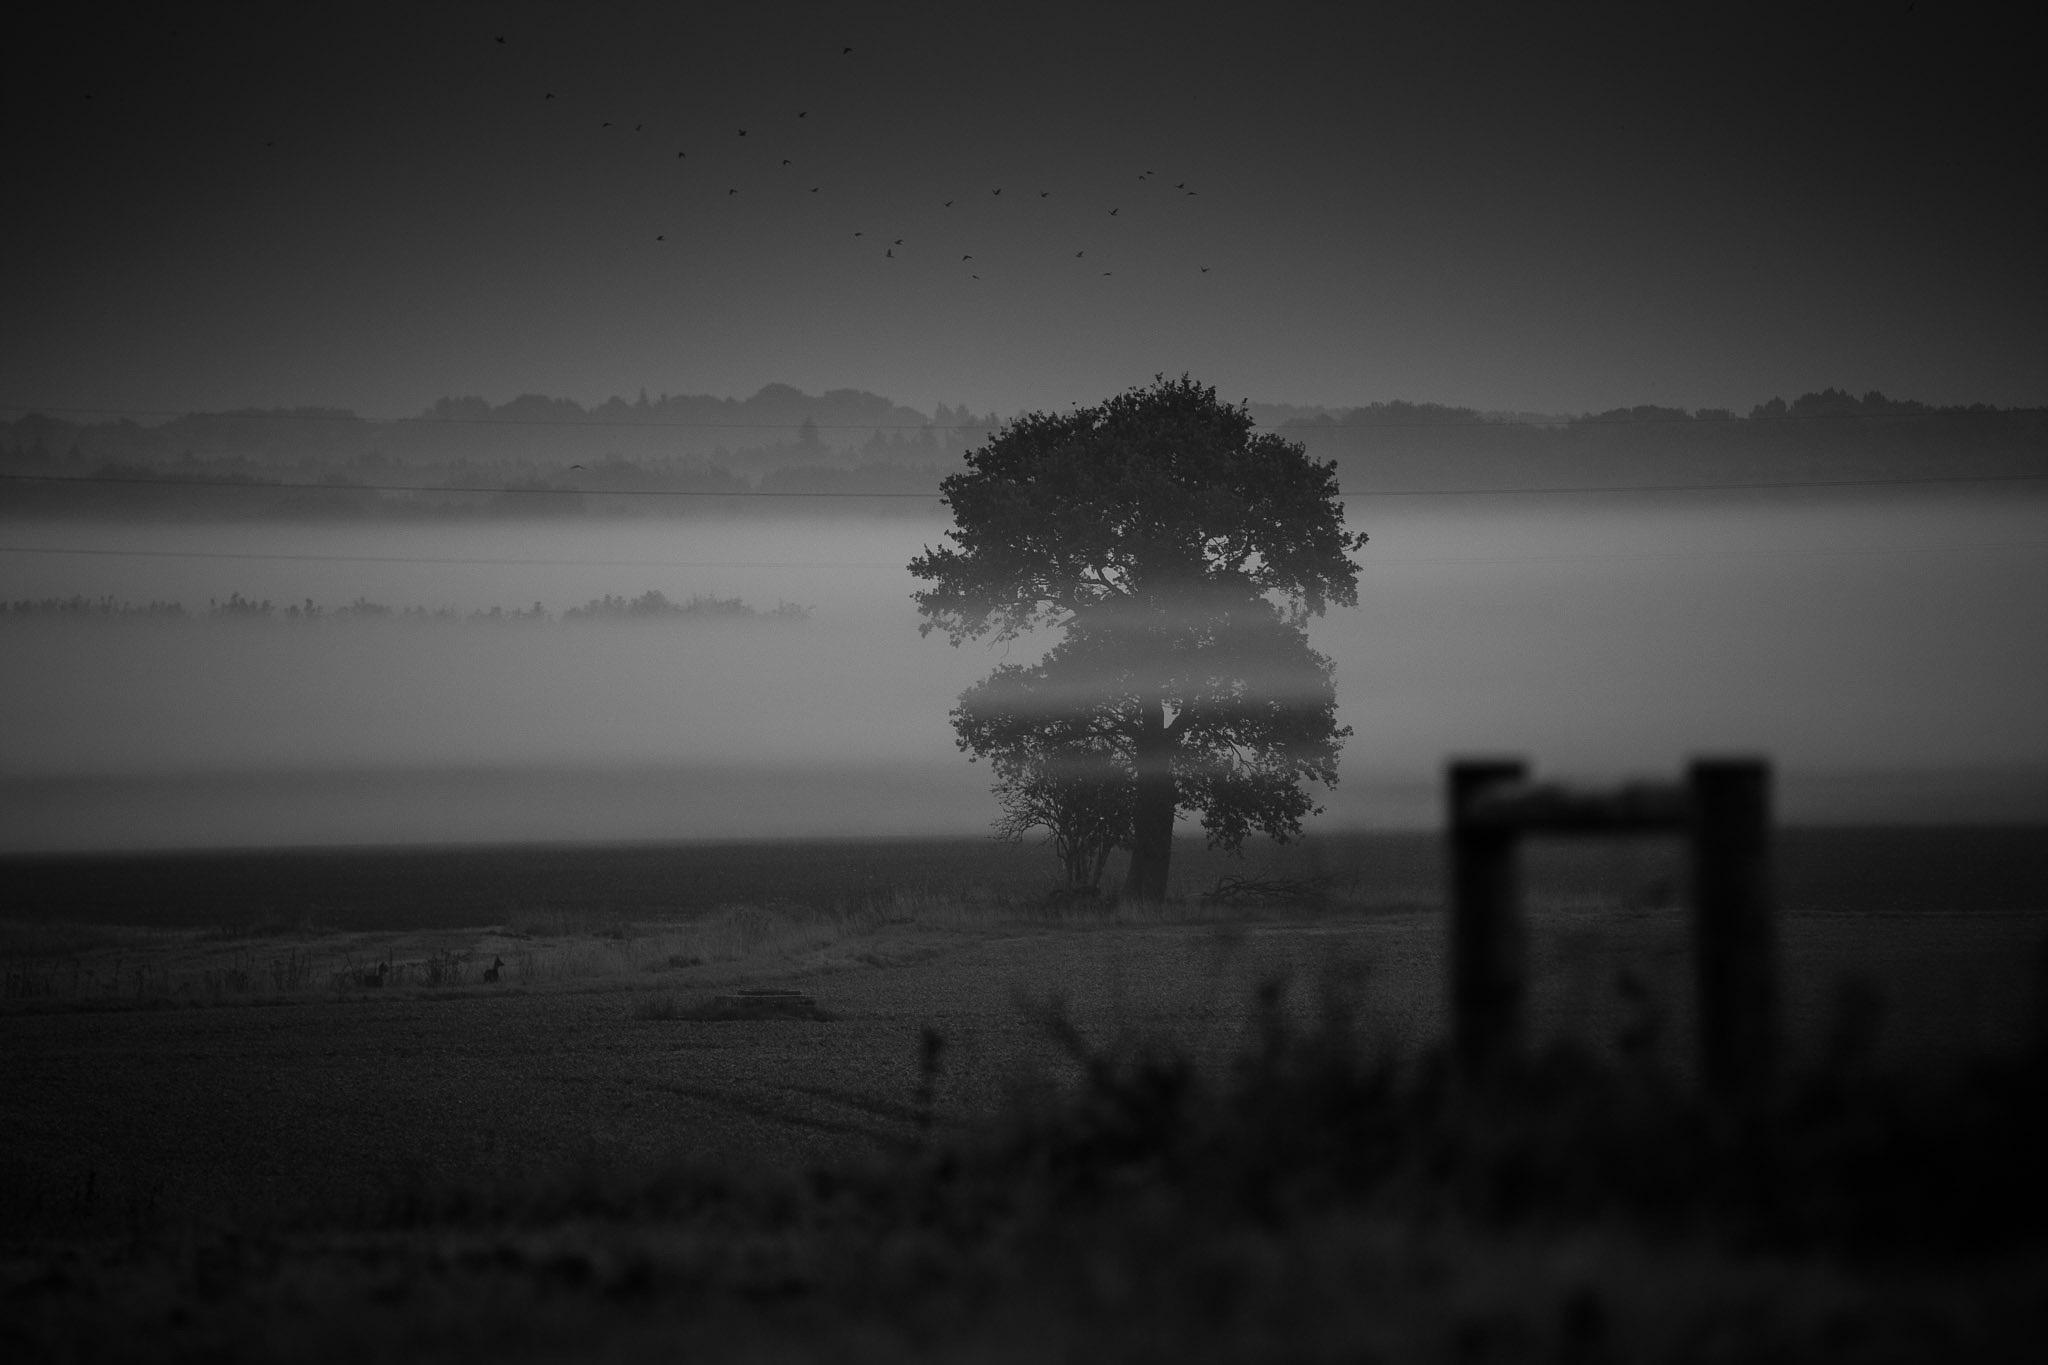 Through the mist by WellsyJay